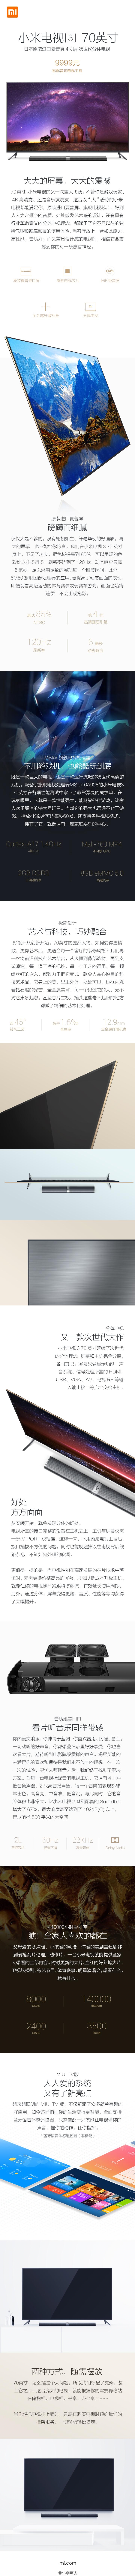 70英寸小米电视3发布:售价9999元的照片